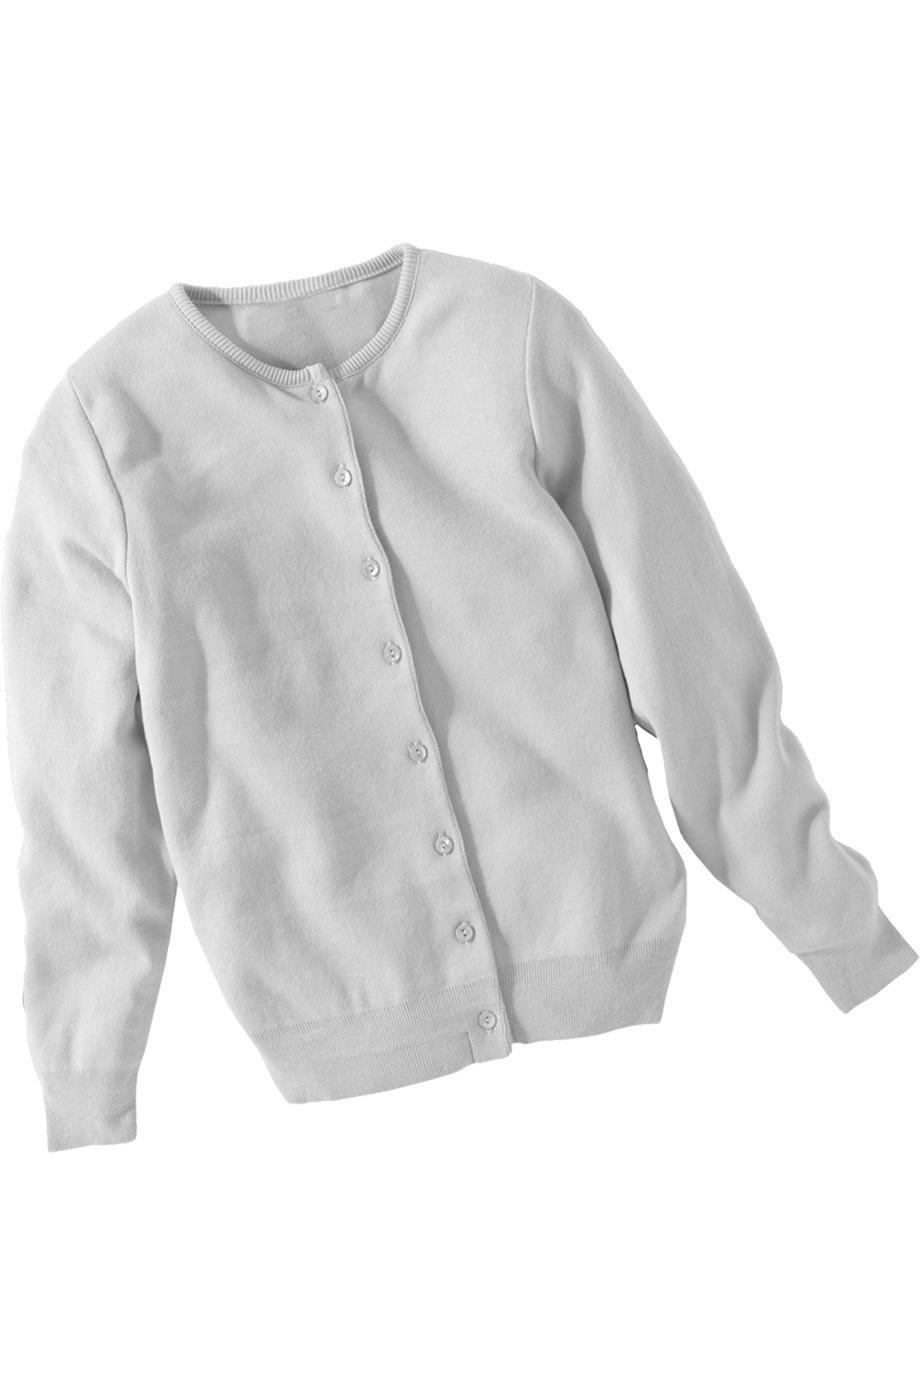 Edwards Garment 111 - Women's Cotton Cashmere Cardigan ...